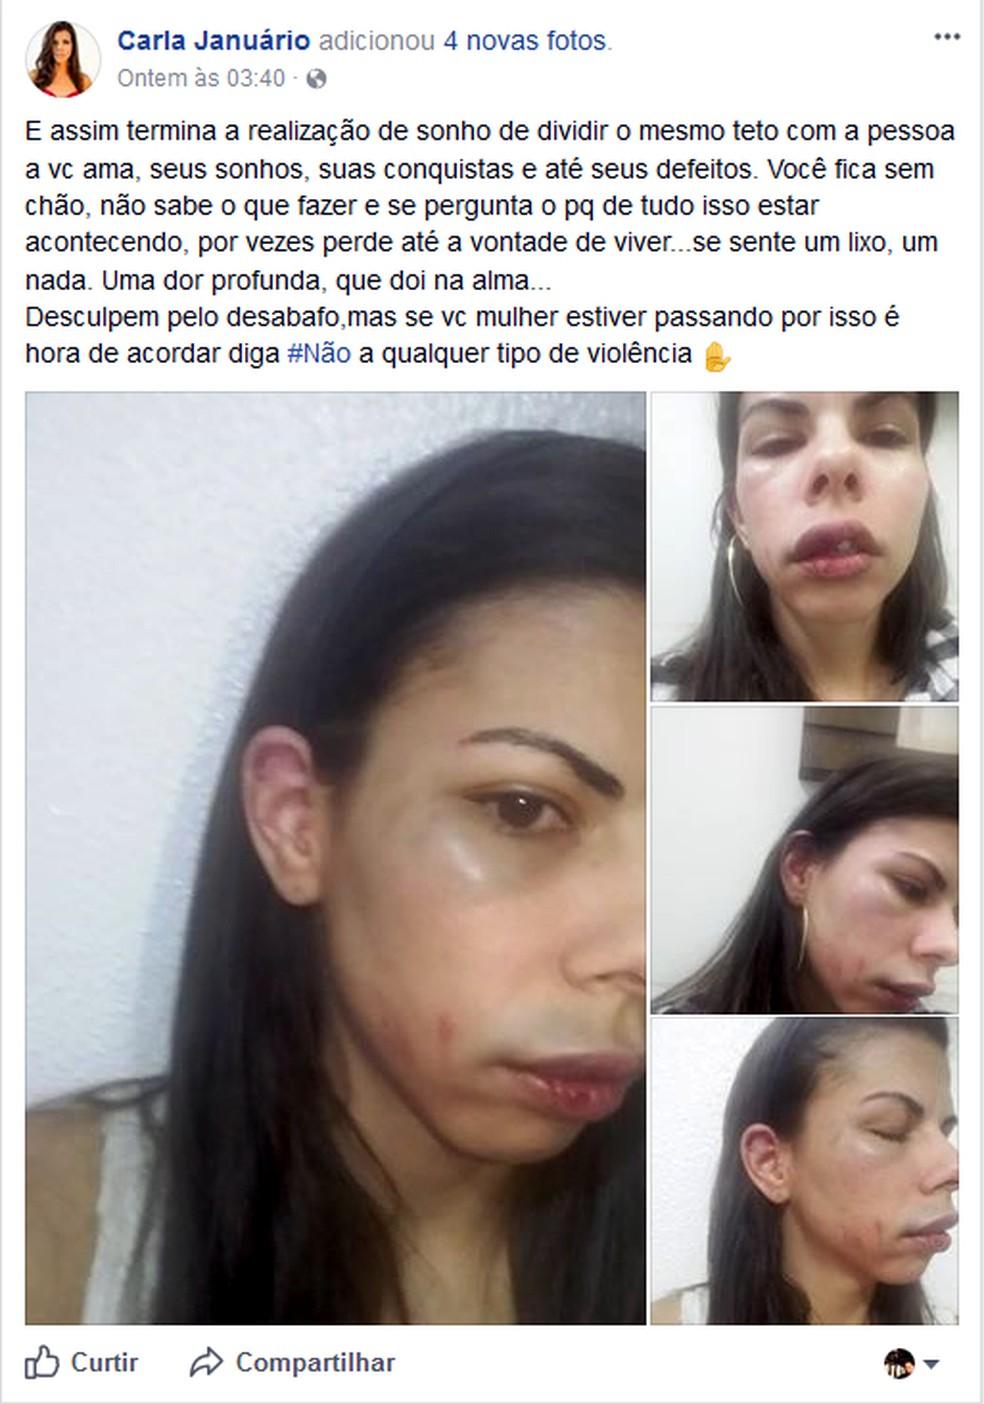 Mulher publicou relato de agressão no Facebook (Foto: Carla Januário/Reprodução/Facebook)